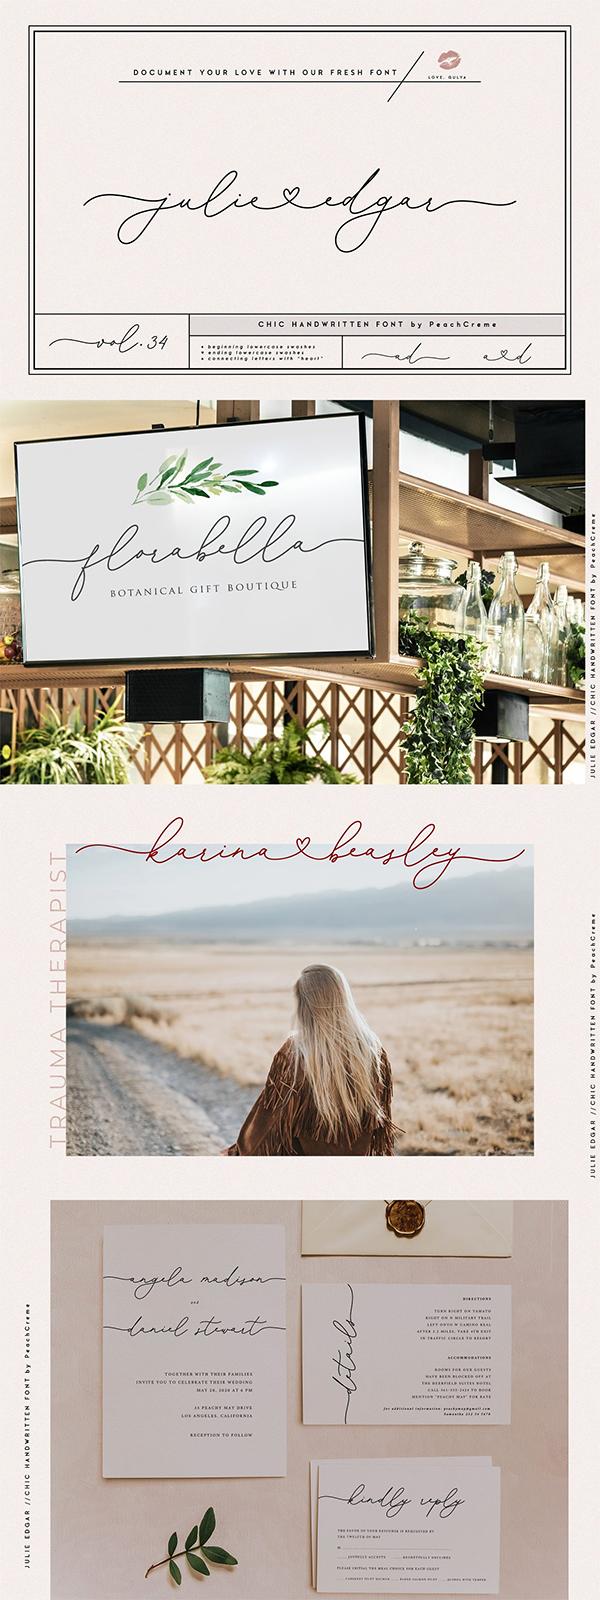 Julie Edgar Handwriting Font